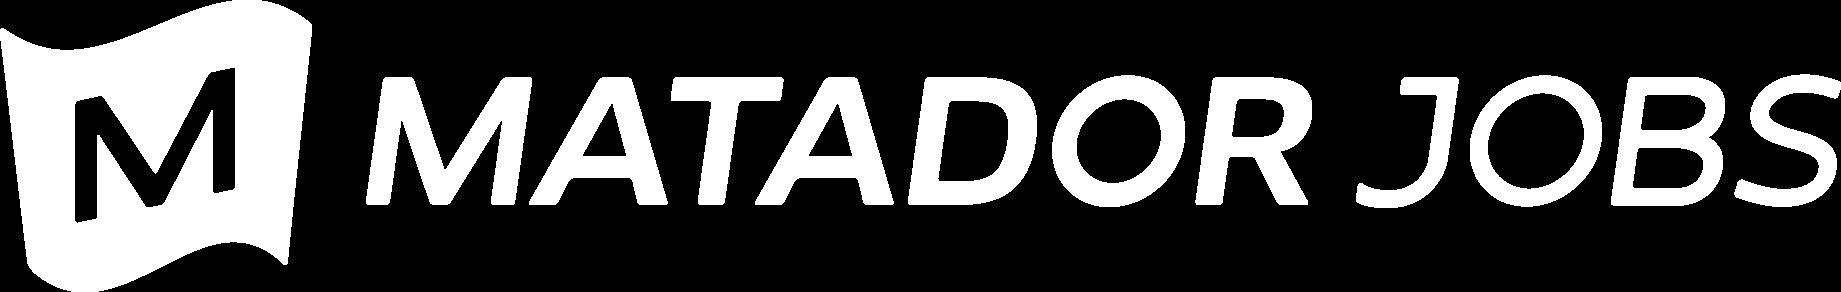 Matador Docs